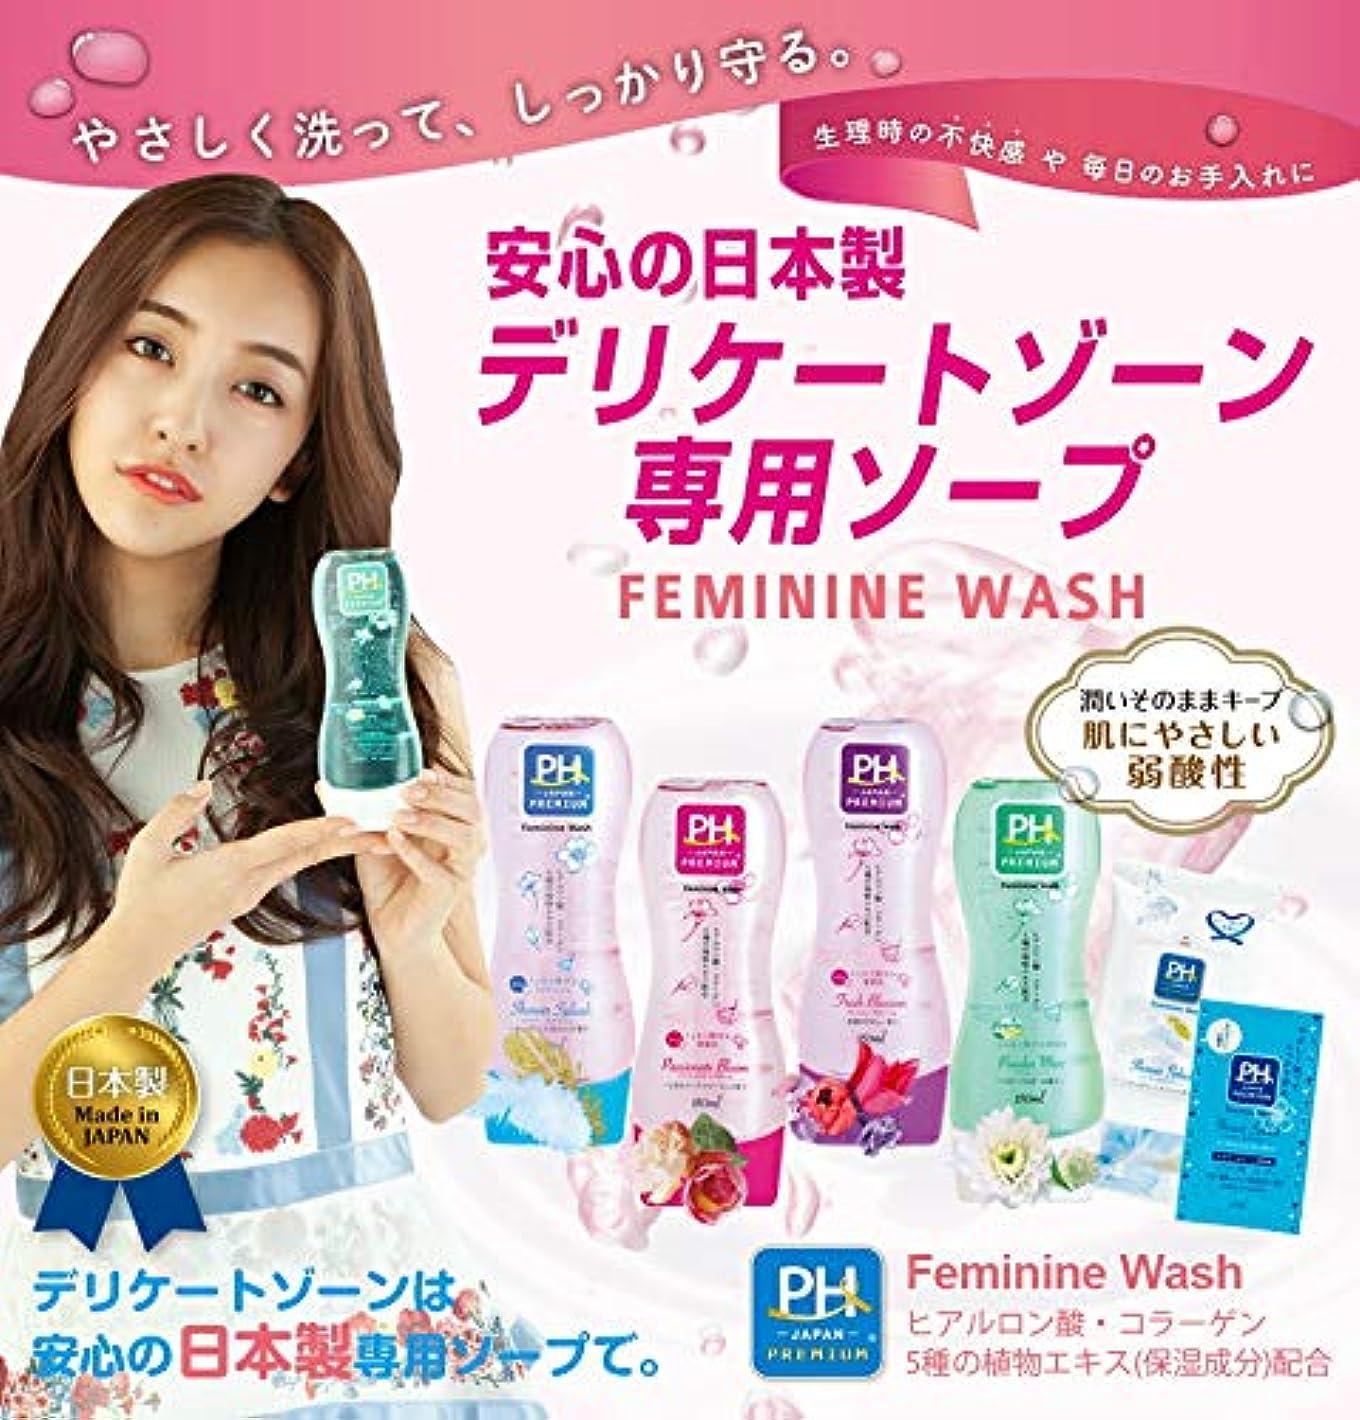 うるさい必要条件ピストルパウダーミント2本セット PH JAPAN フェミニンウォッシュ ベビーパウダーの香り